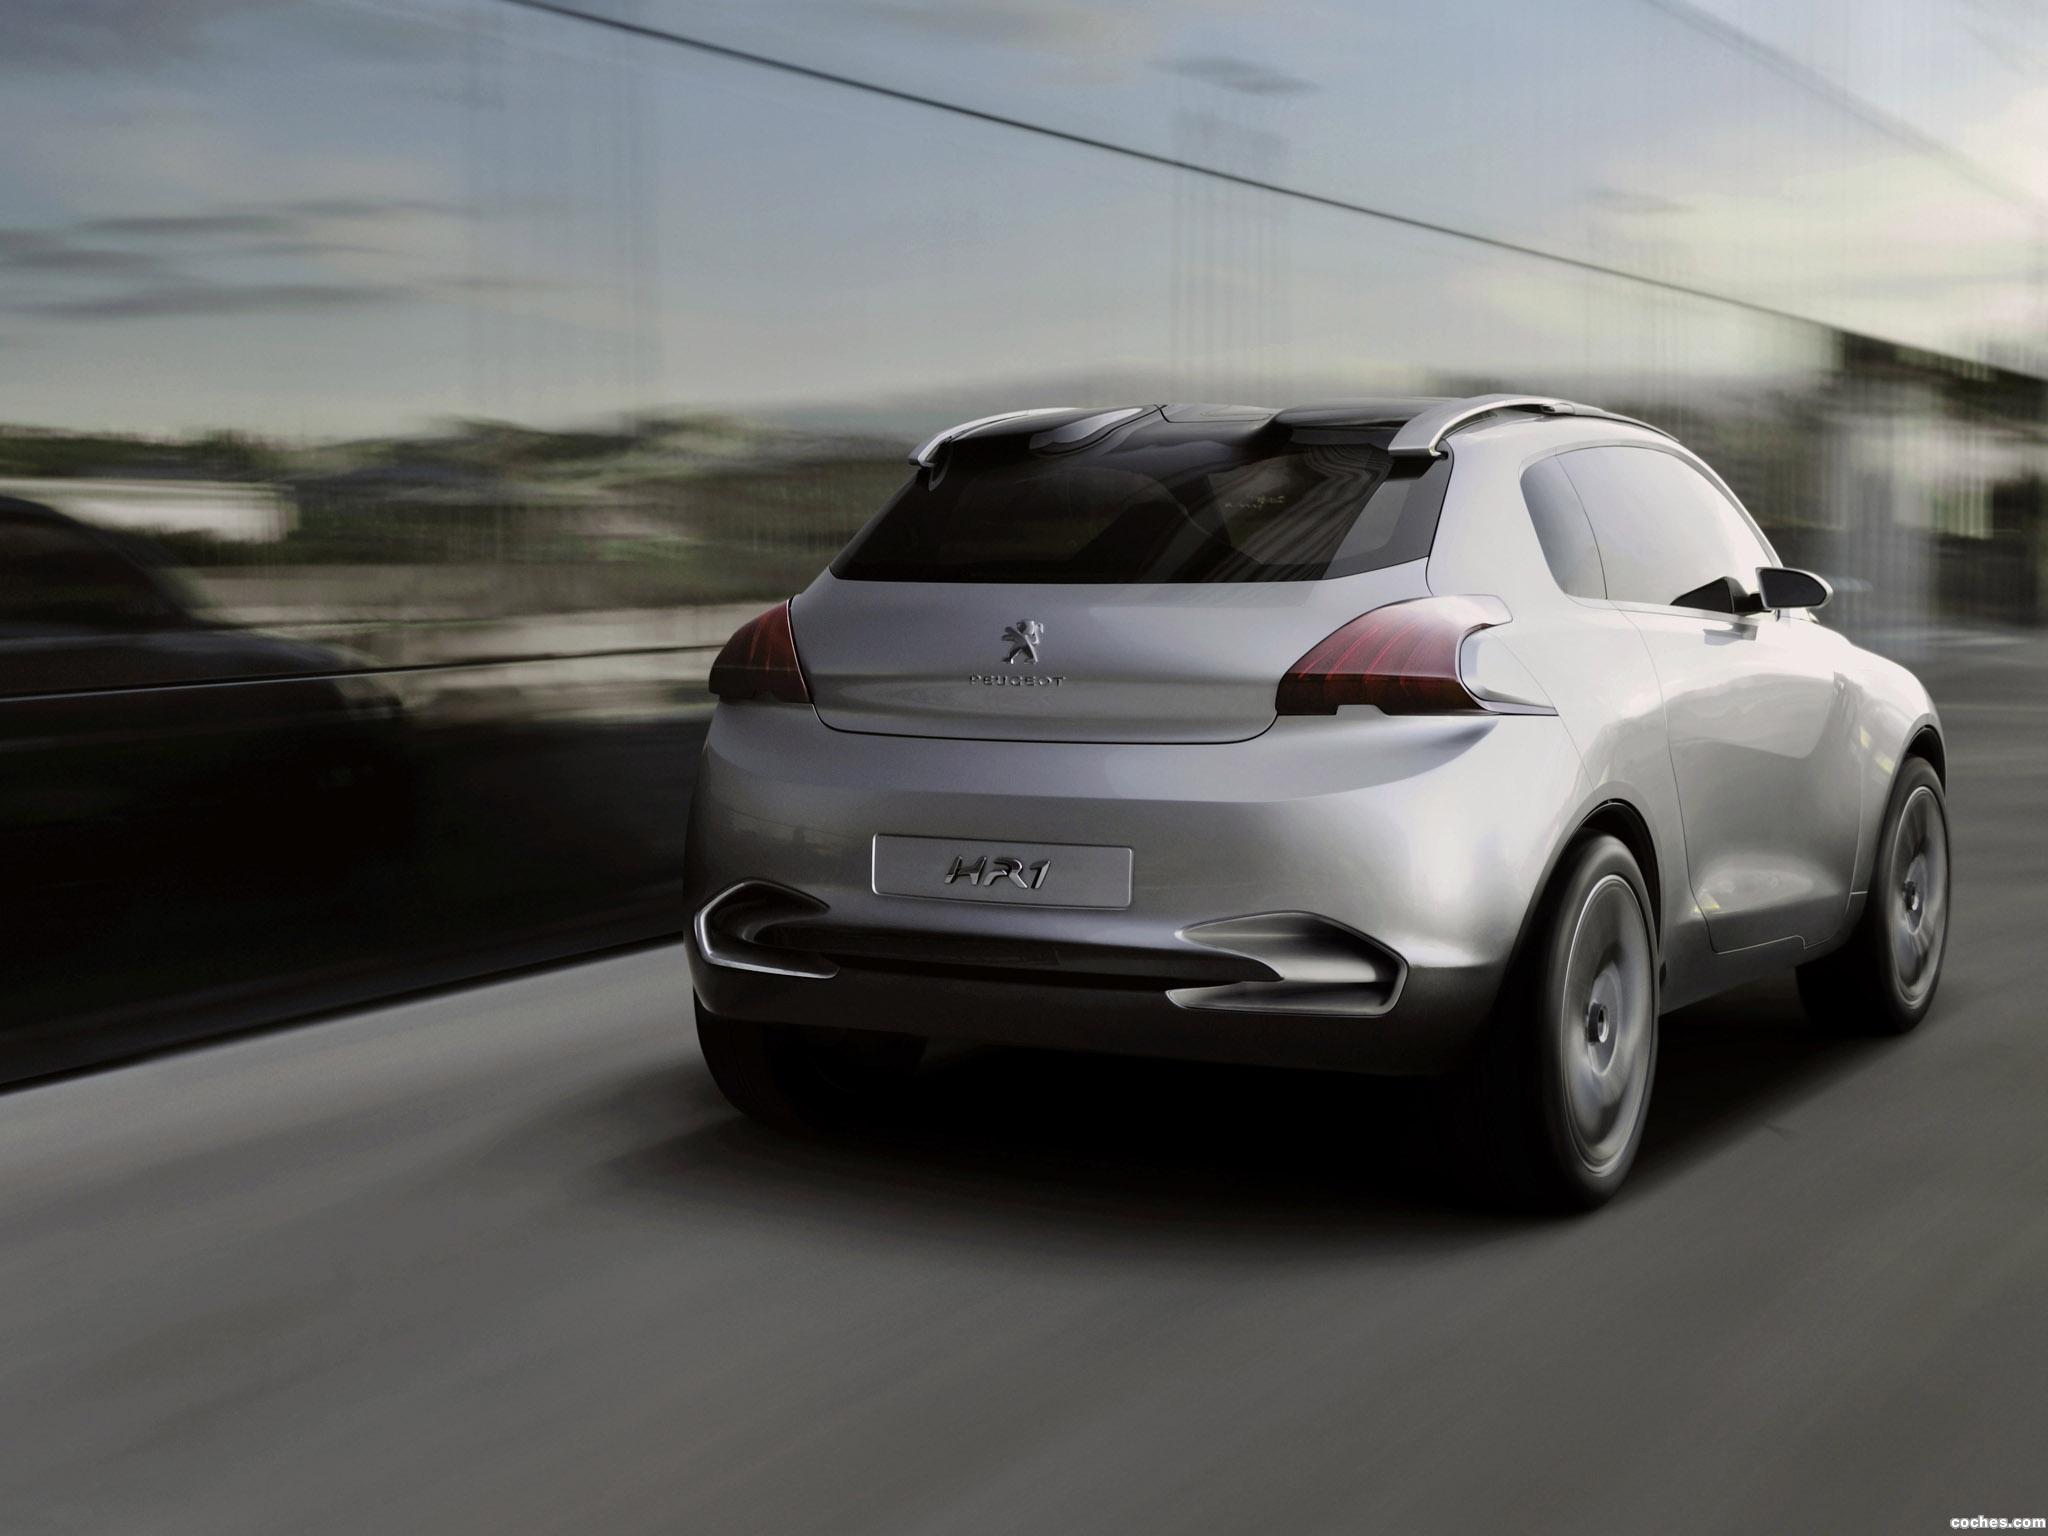 Foto 5 de Peugeot HR1 Concept 2010